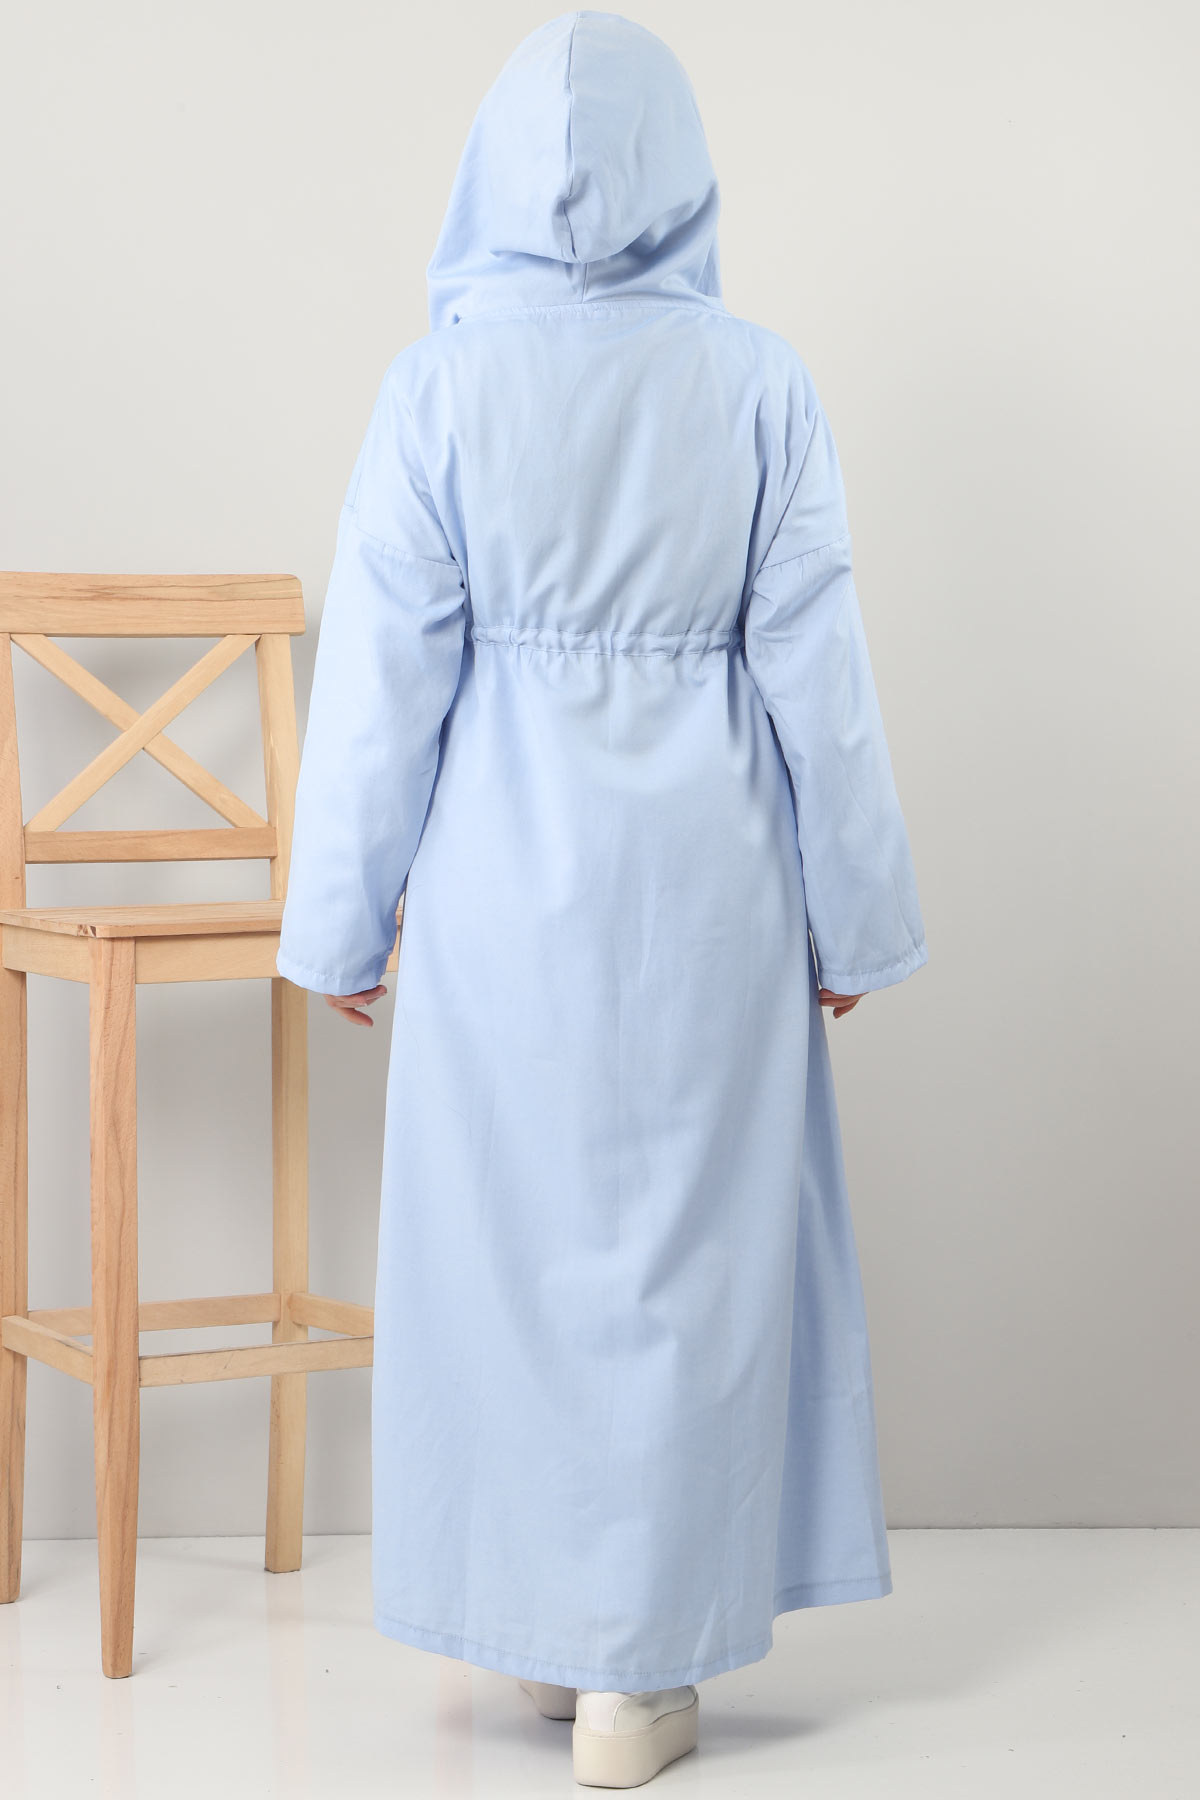 Hooded Long Sweater TSD3000 Light Blue